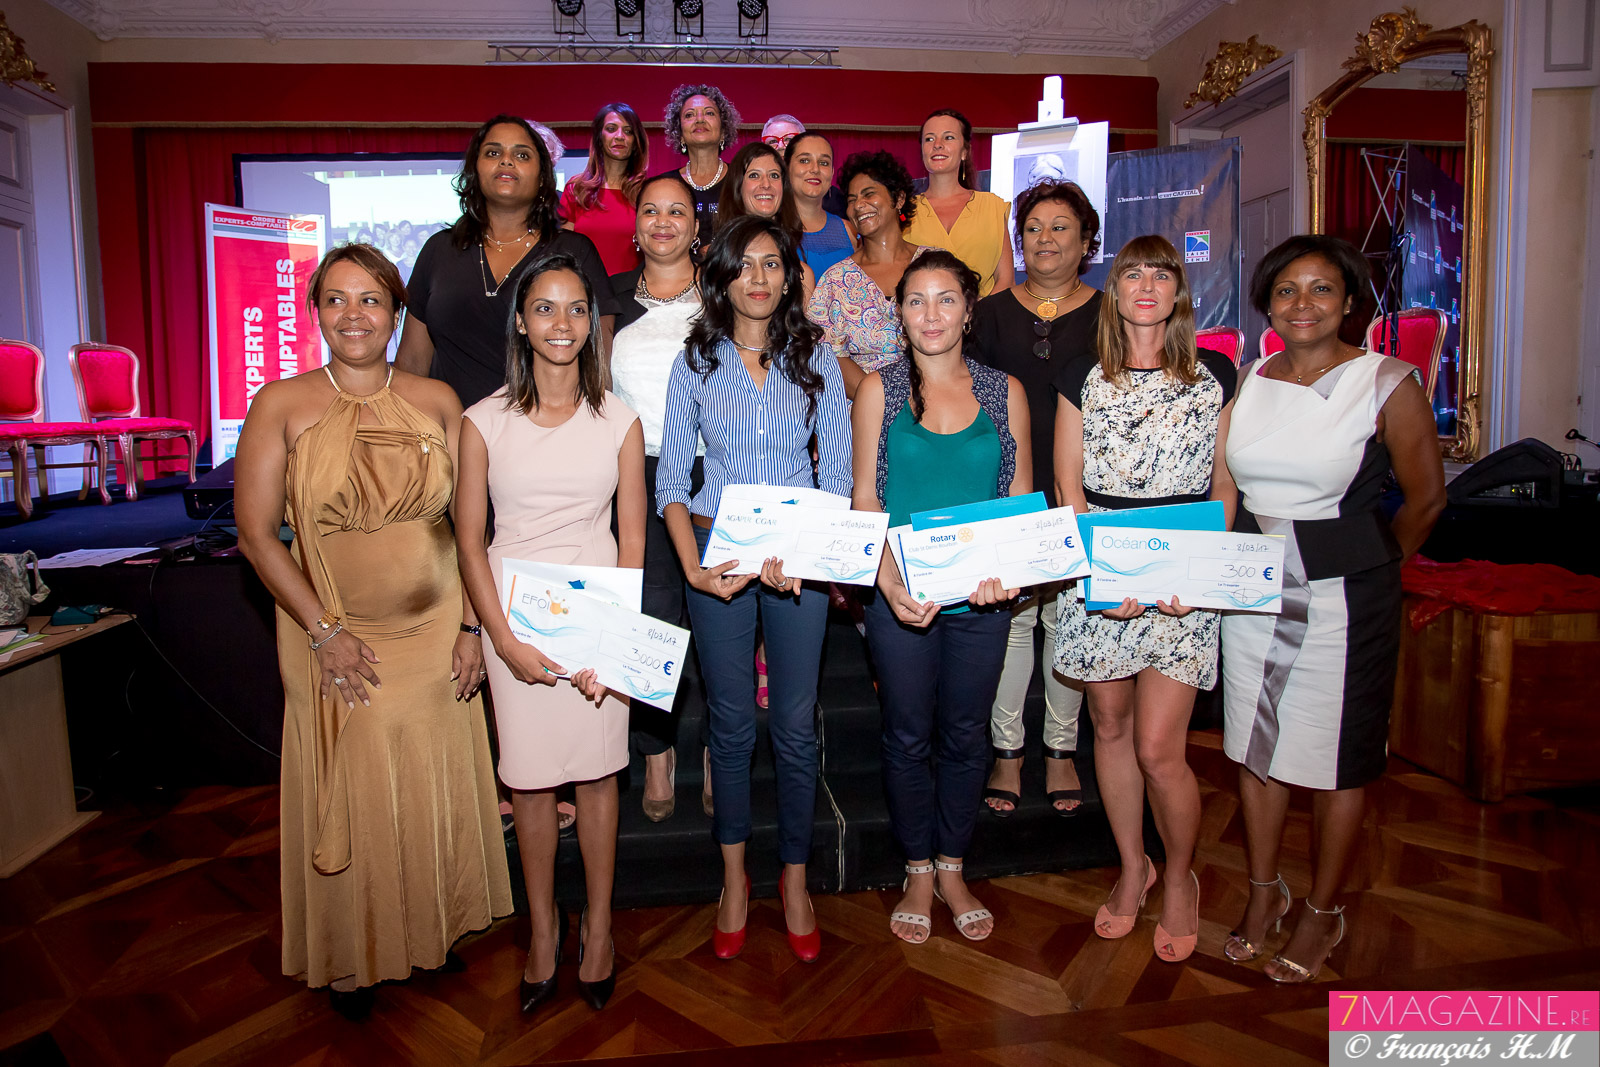 Les qautre lauréates avec la marraine Monique Orphé, les responsables d'EFOI et les partenaires